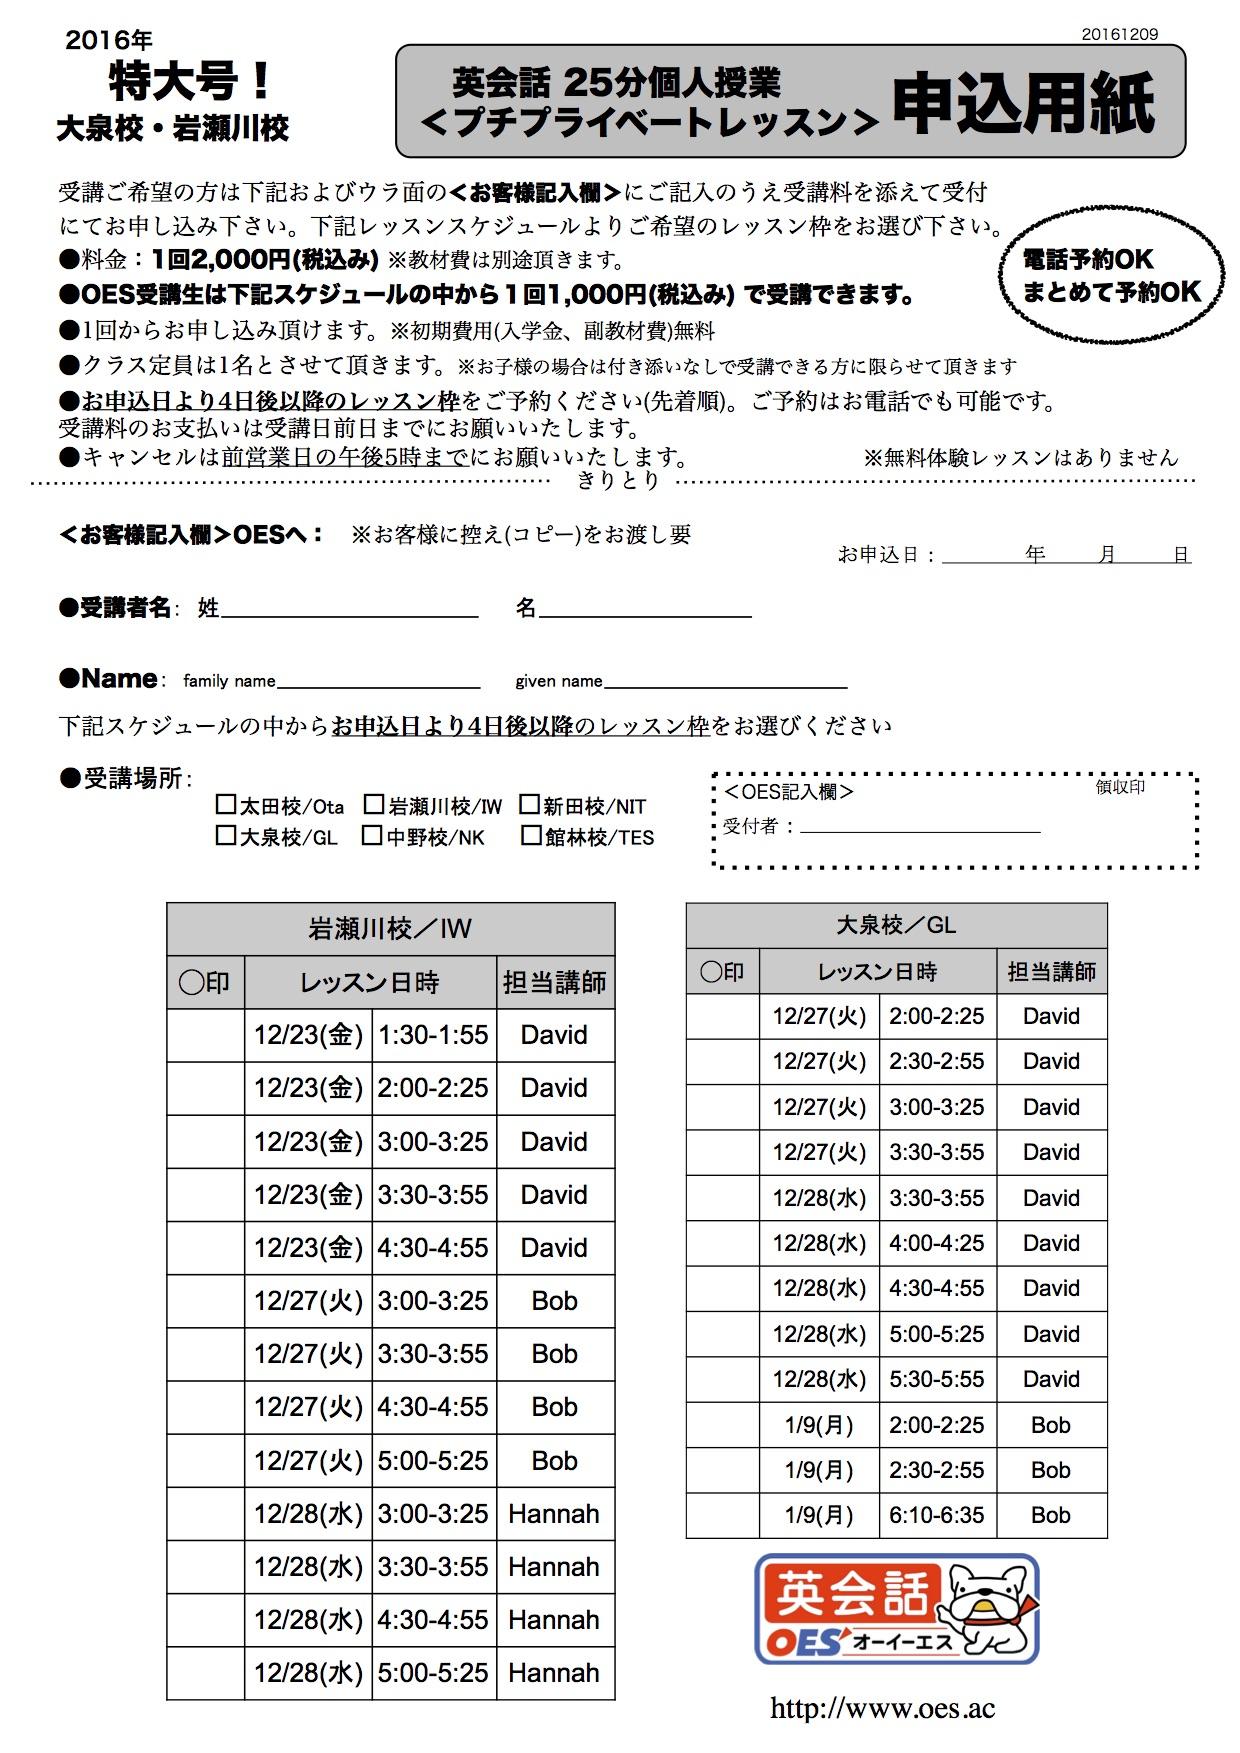 岩瀬川校/大泉校プチプライベートレッスン申込用紙